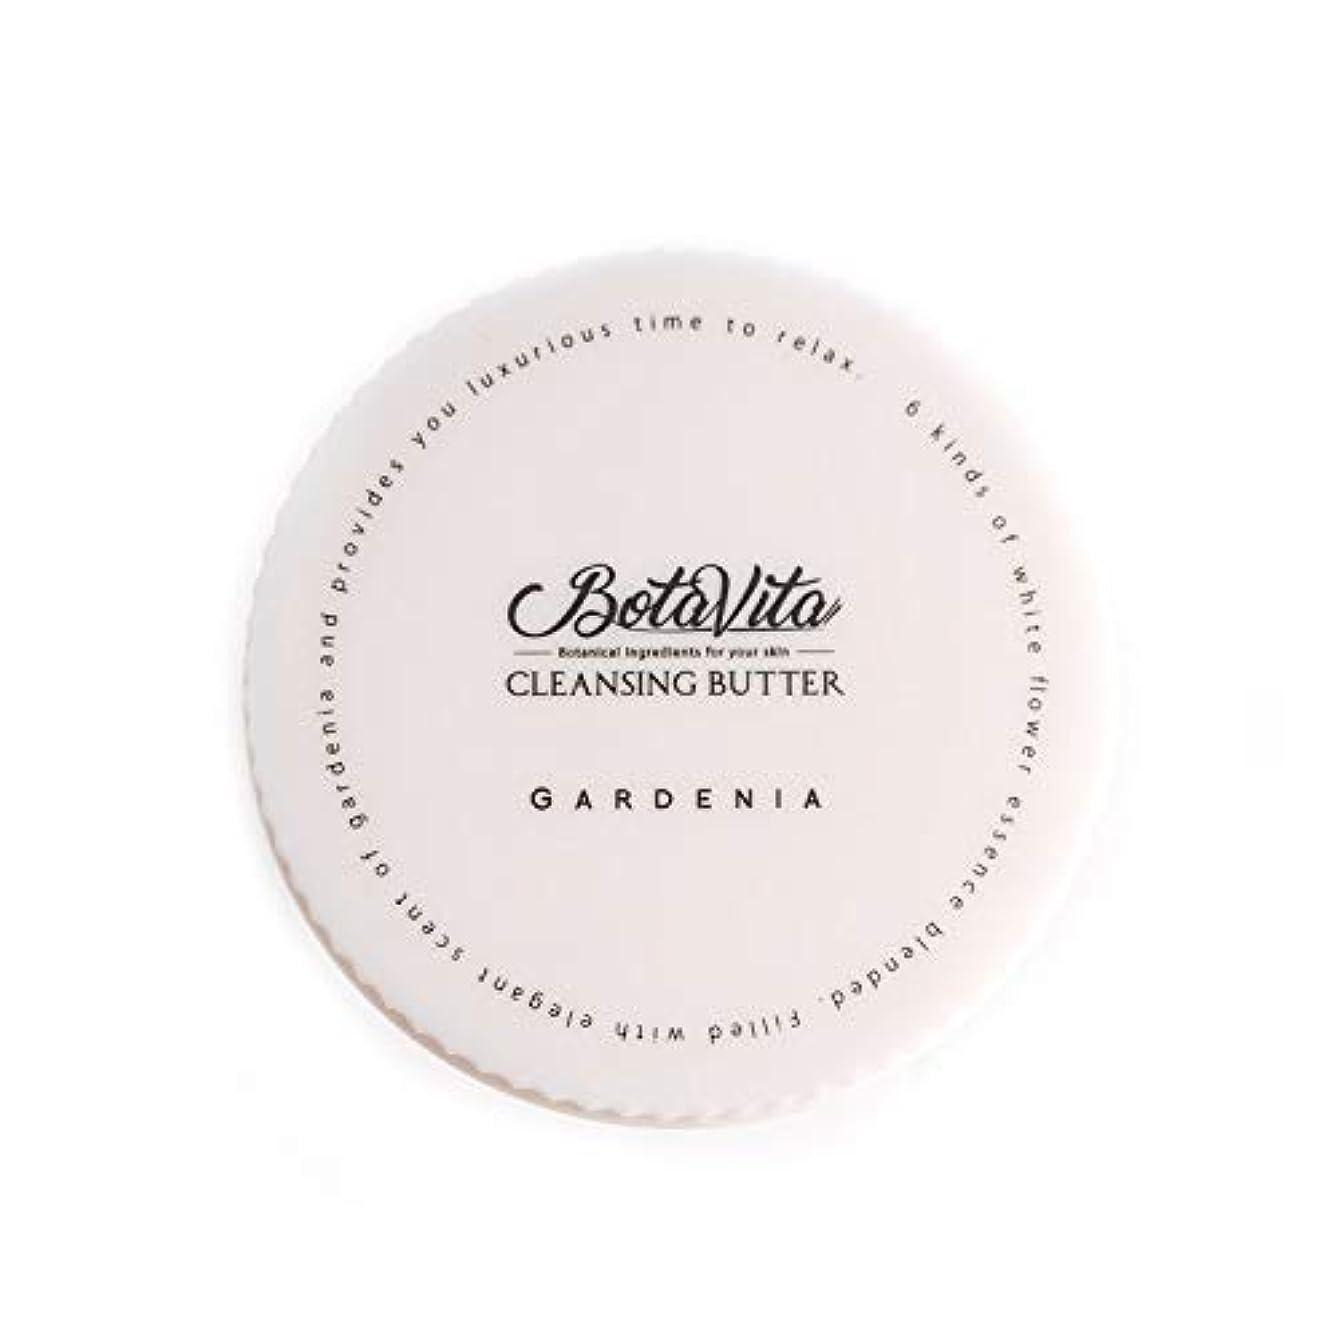 博覧会クスコ栄光BotaVita ボタヴィータ クレンジングバター <ガーデニア> 80g ダブル洗顔不要 マツエク対応 保湿ケア 毛穴汚れオフ